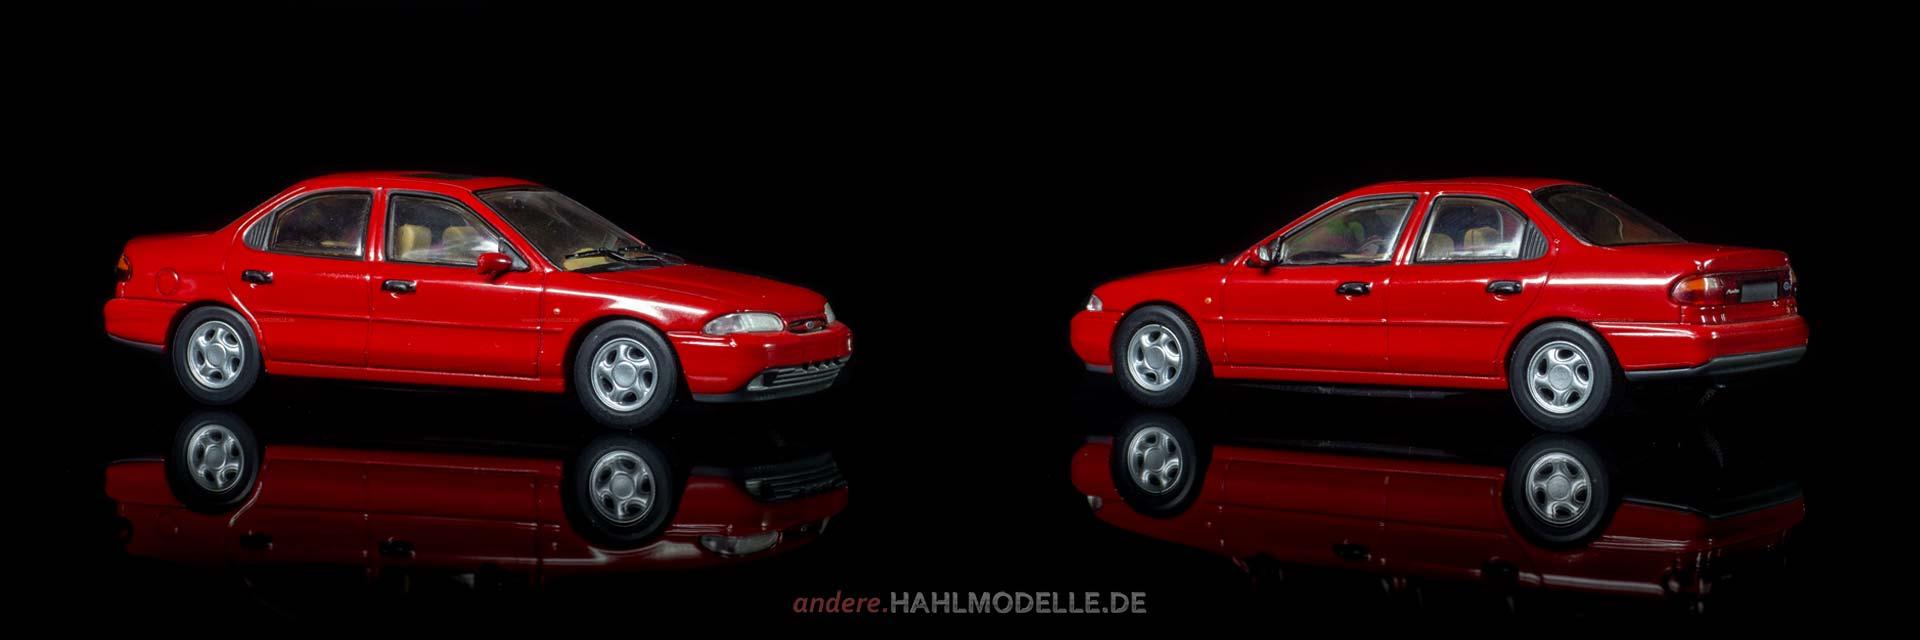 Ford Mondeo | Limousine | Minichamps | www.andere.hahlmodelle.de